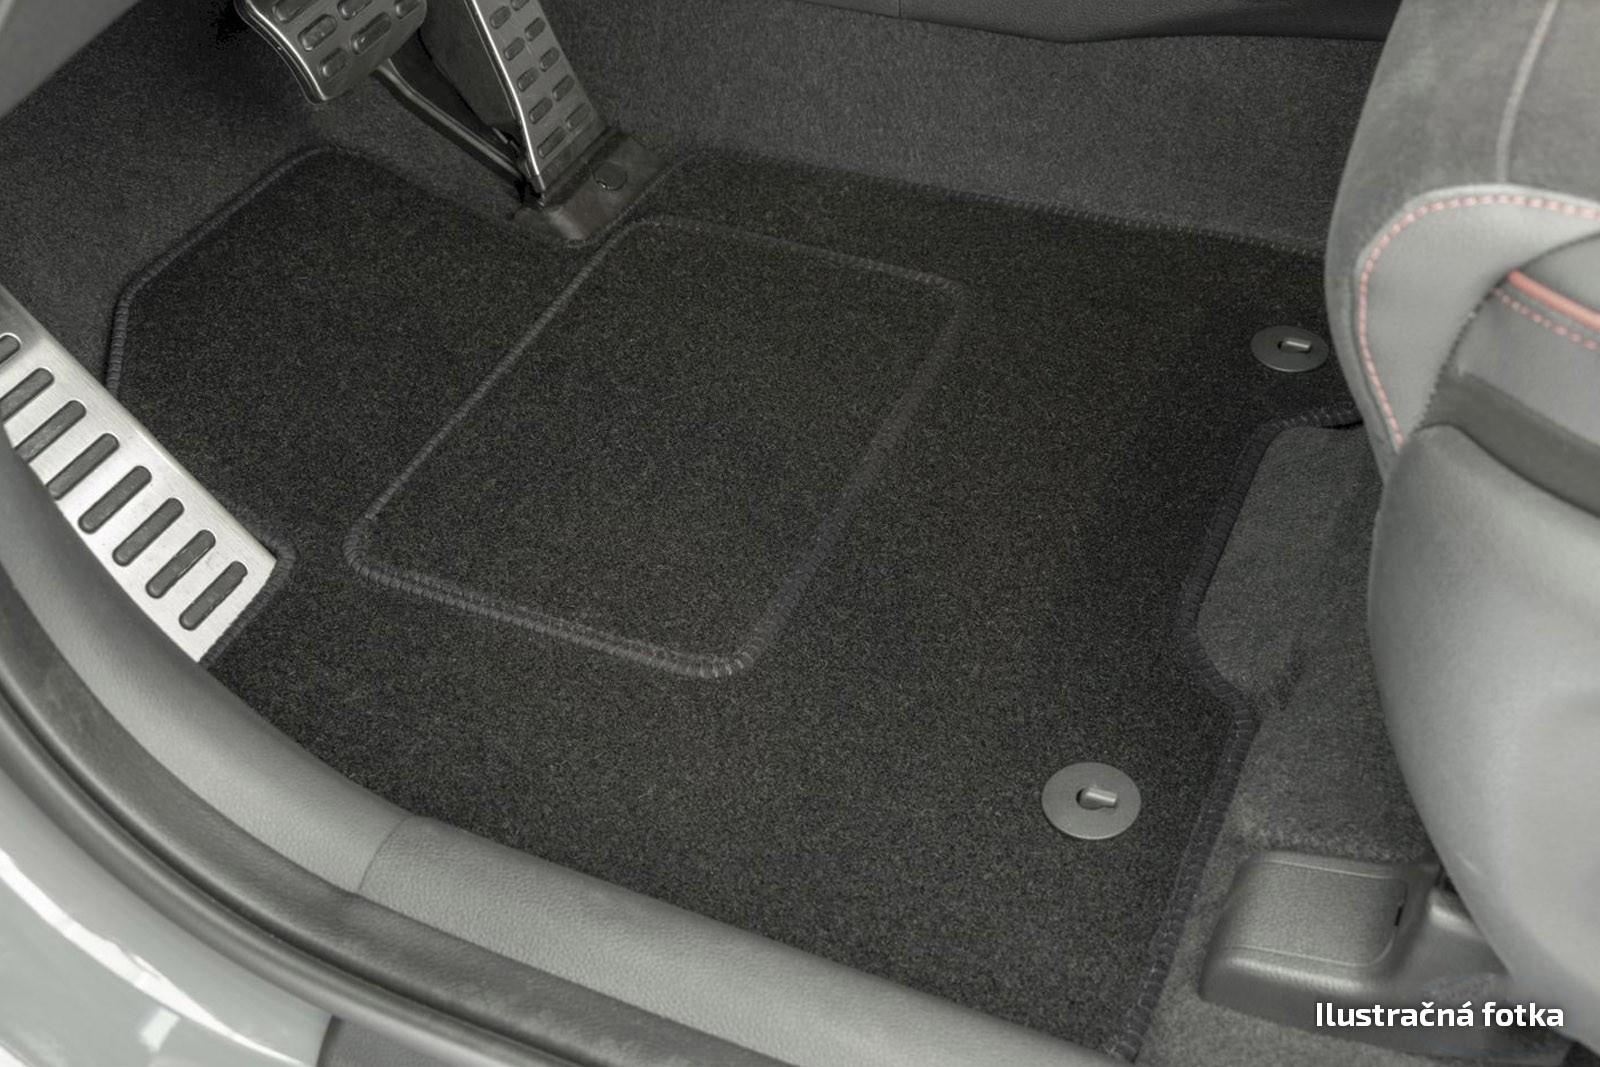 Poza cu Covorase din velur, Audi A6, 1994-1997